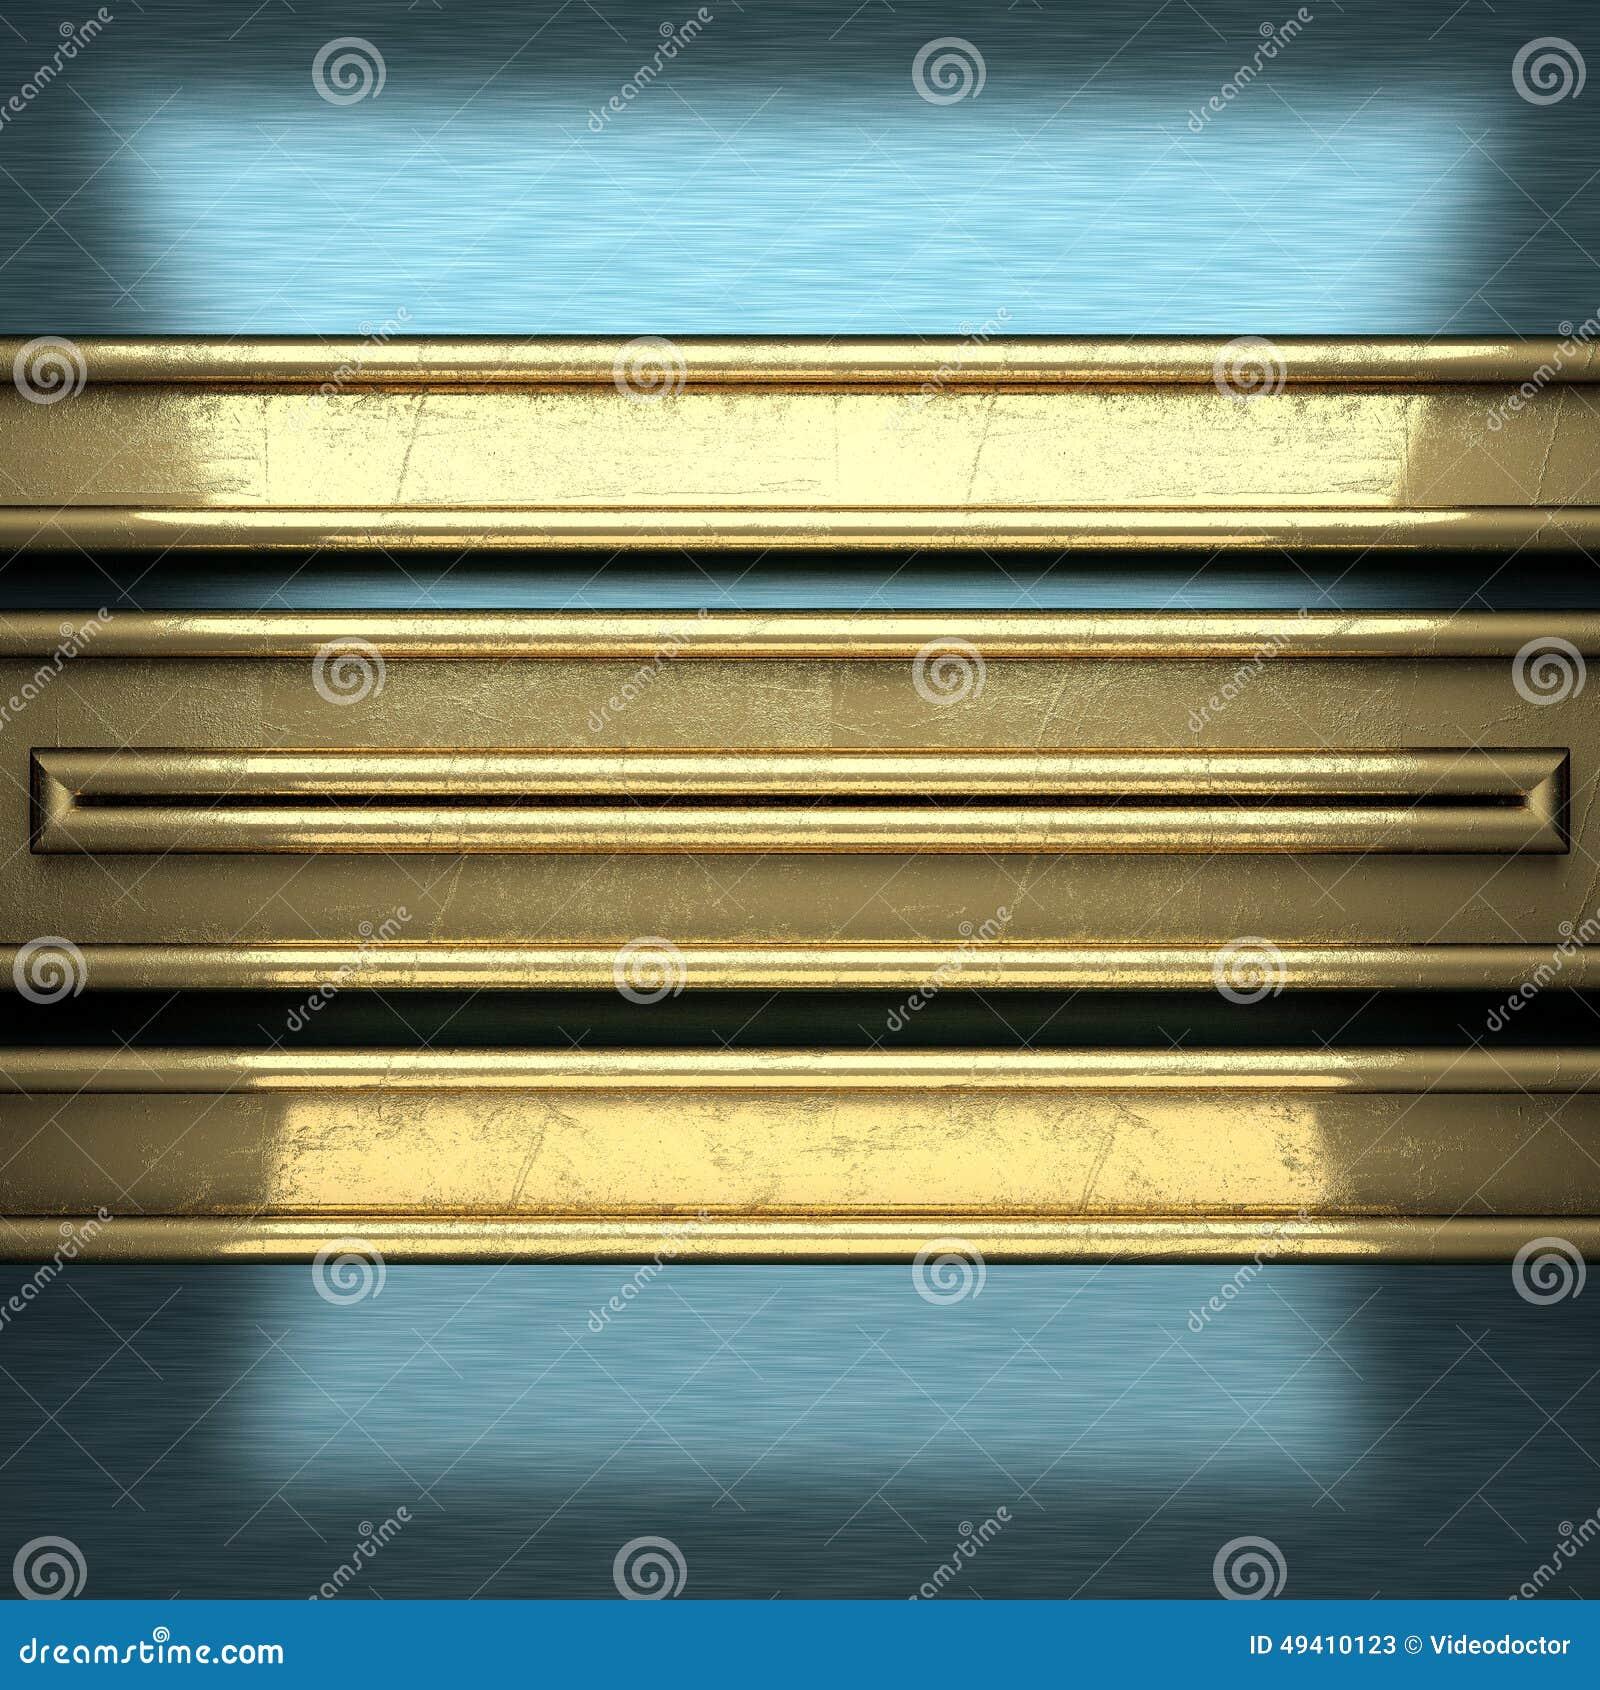 Download Blauer Metallhintergrund Mit Gelbem Element Stock Abbildung - Illustration von zeilen, metall: 49410123